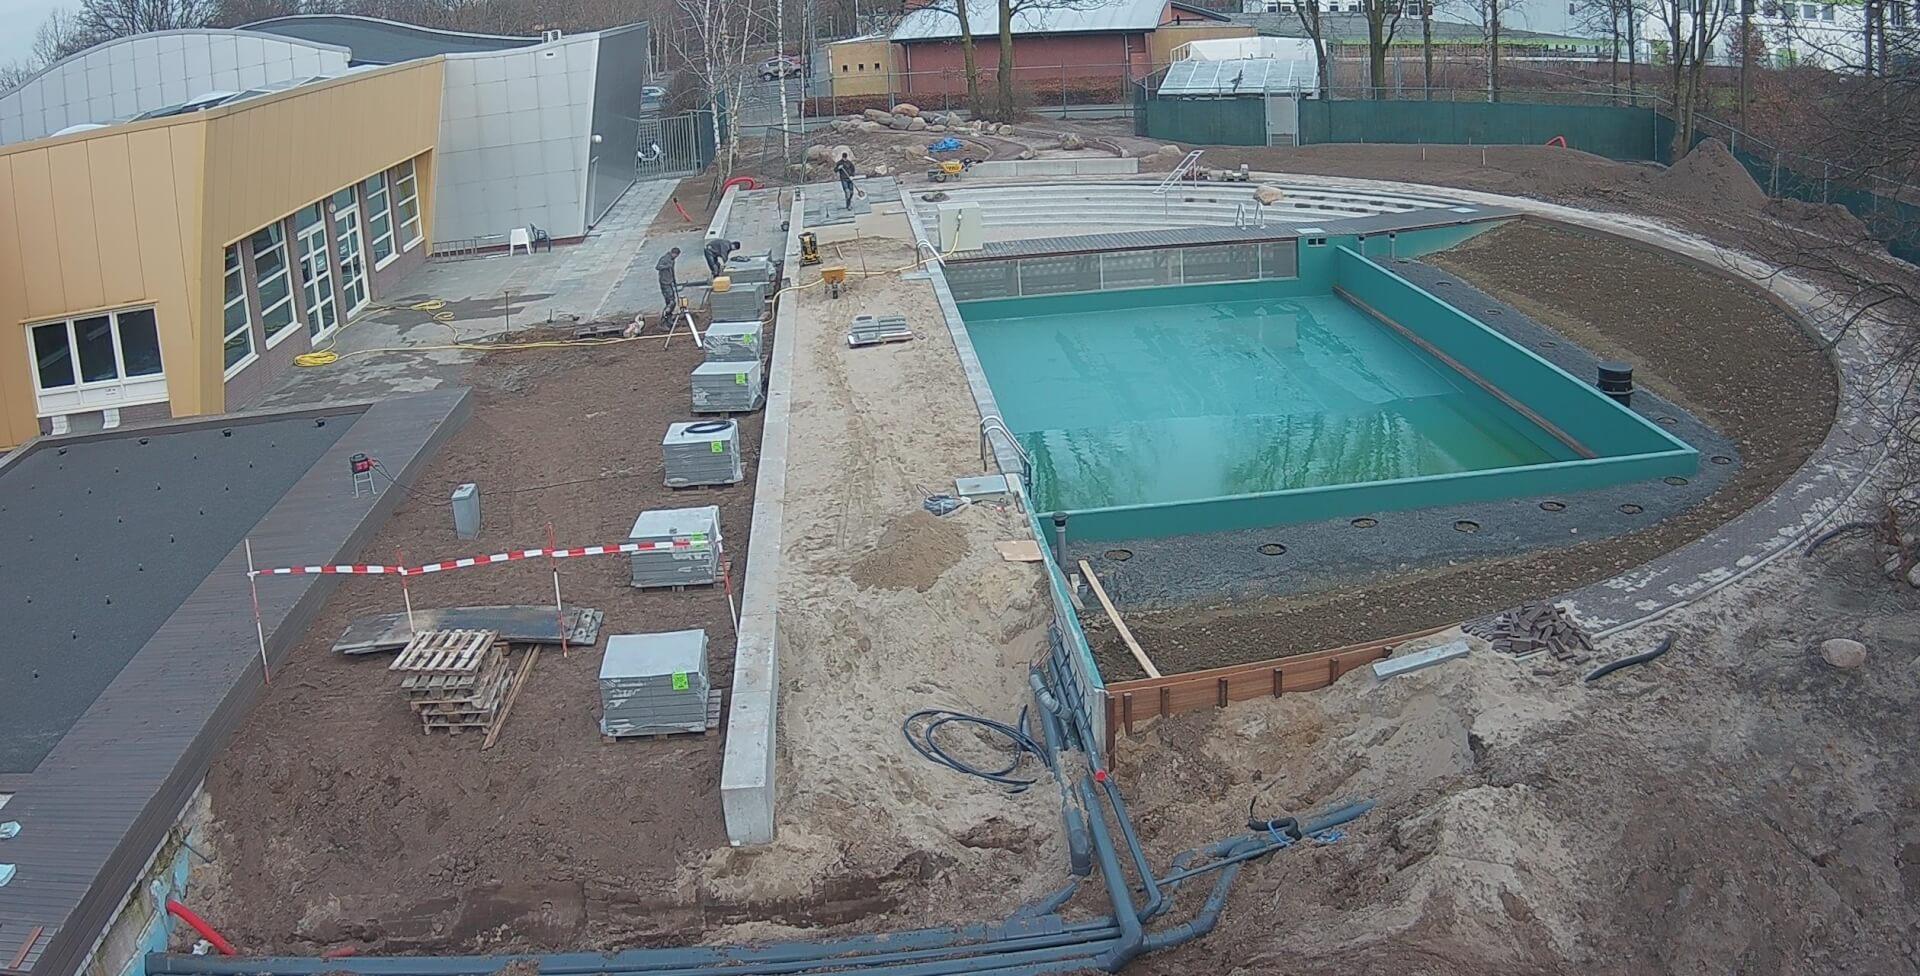 Zwembad De Peppel.Natuurgezuiverd Buitenbad De Peppel In Ede Wordt Gevuld